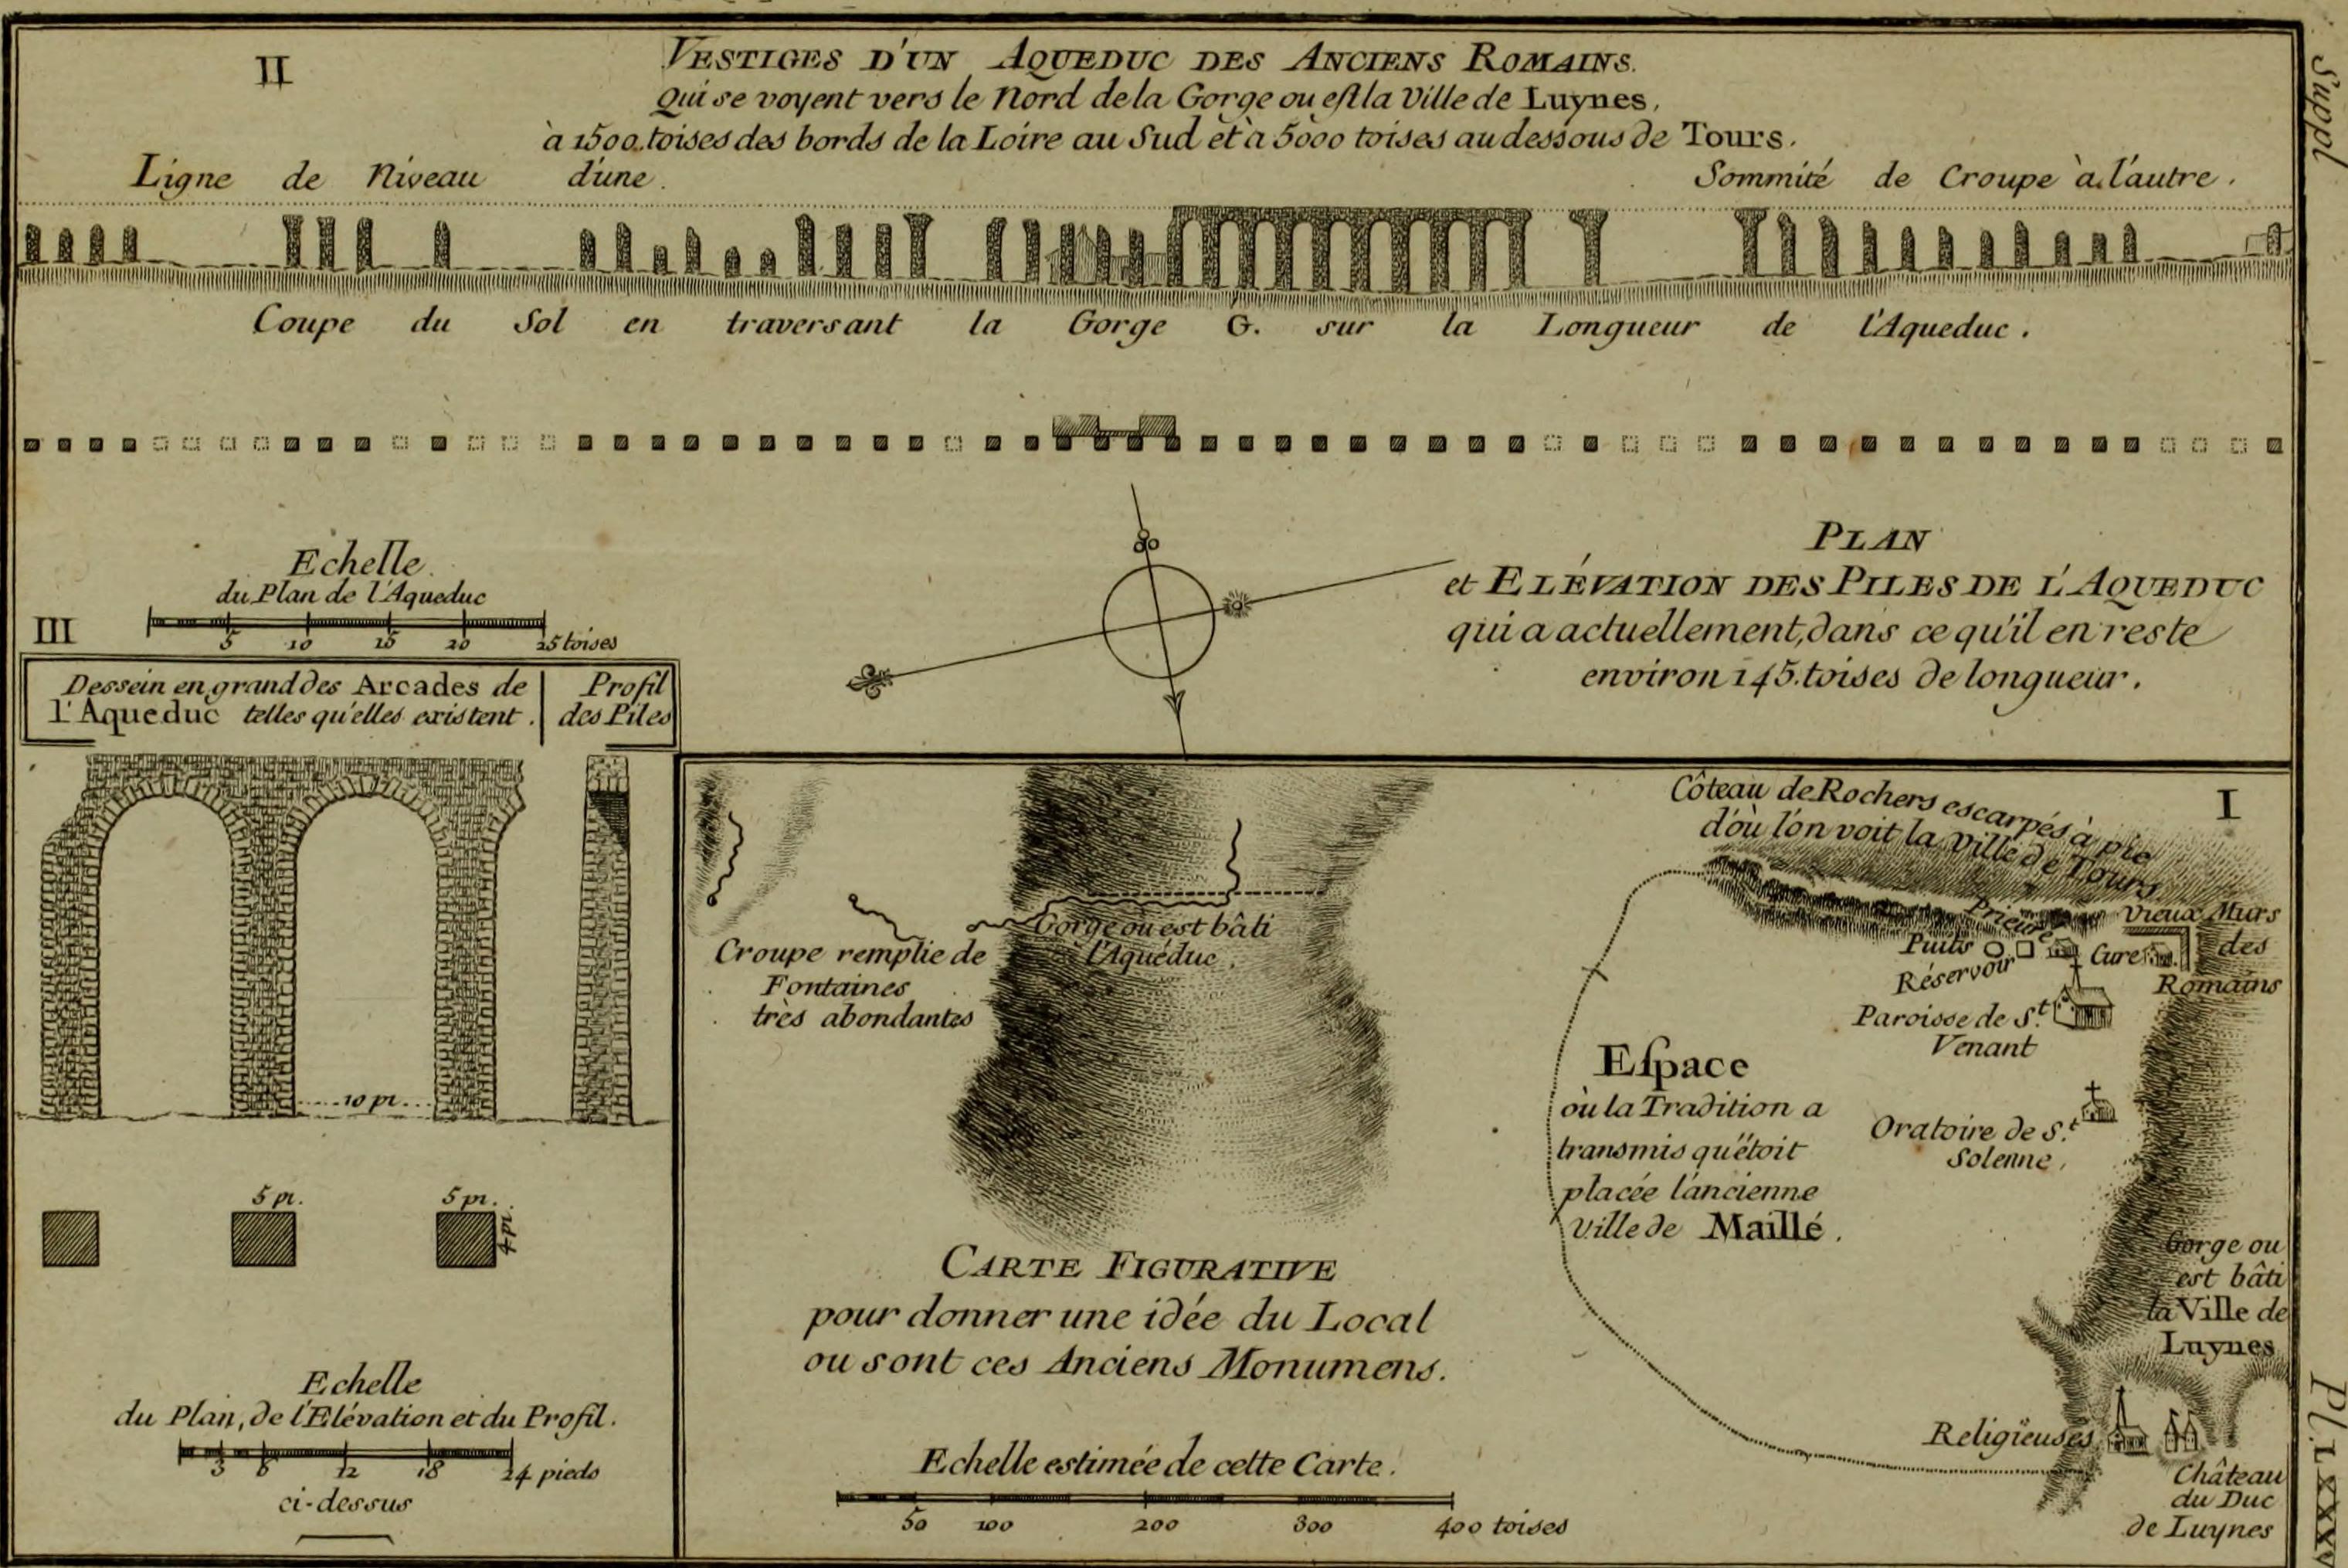 Idée De Photo De Profil file:recueil d'antiquités égyptiennes, étrusques, greques et